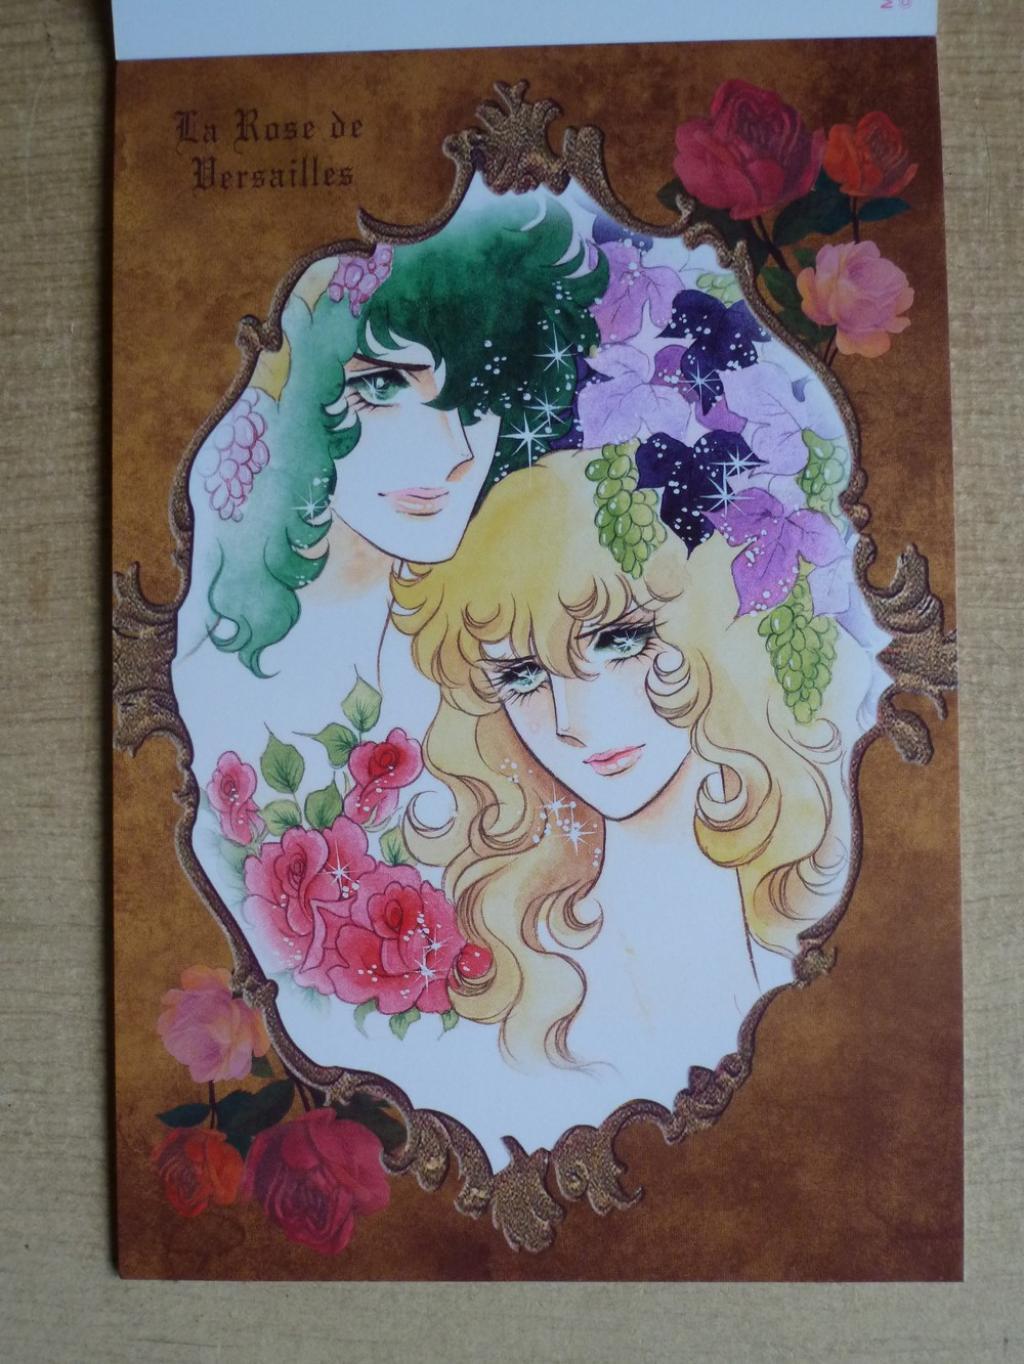 Des cartes postales La Rose de Versailles!  P1070235-56cfaf3